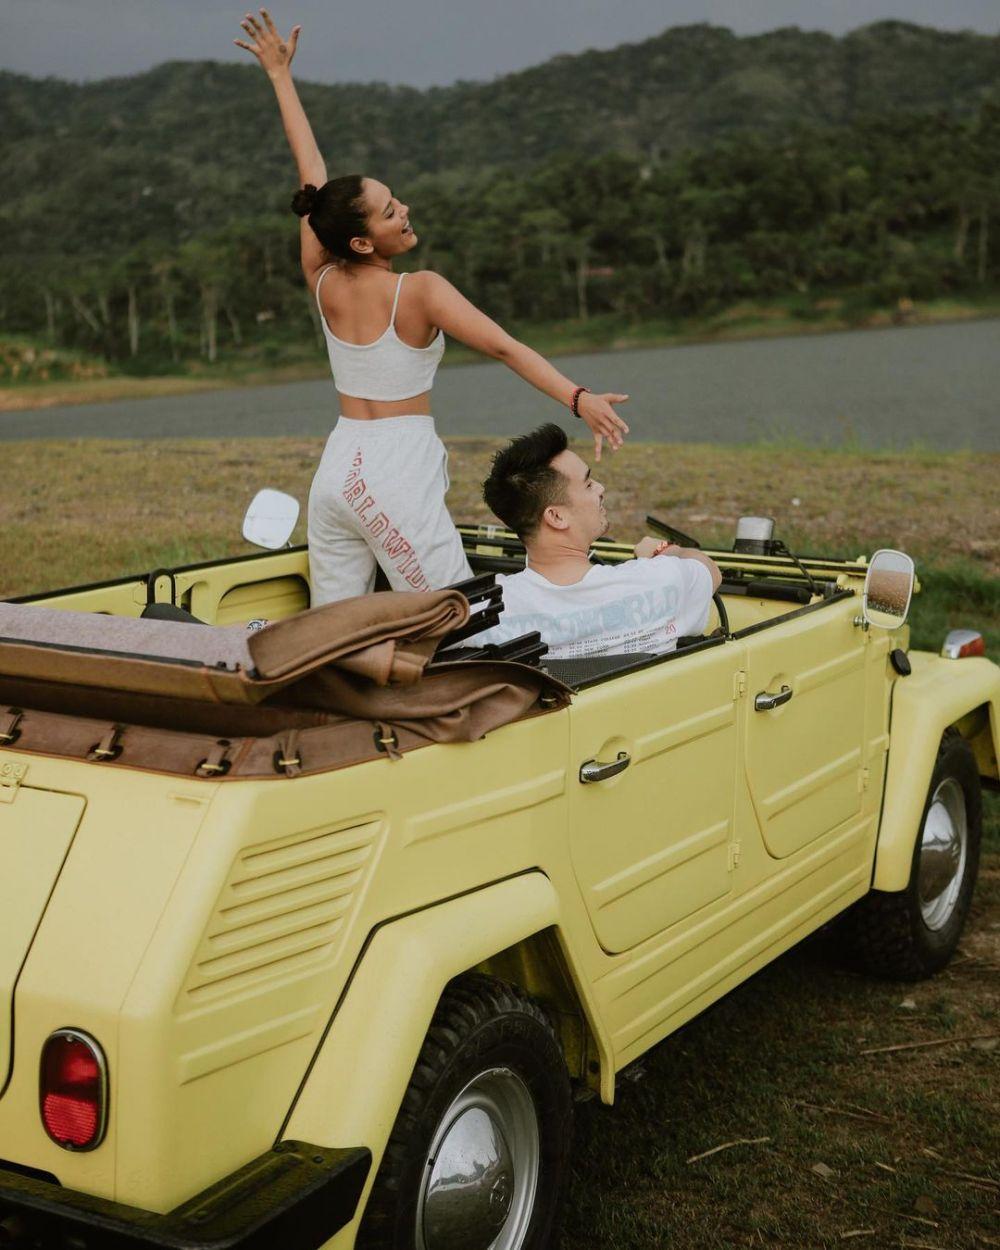 Romantis Terus, 10 Potret Gaya Pacaran Erika Carlina dan Kekasih